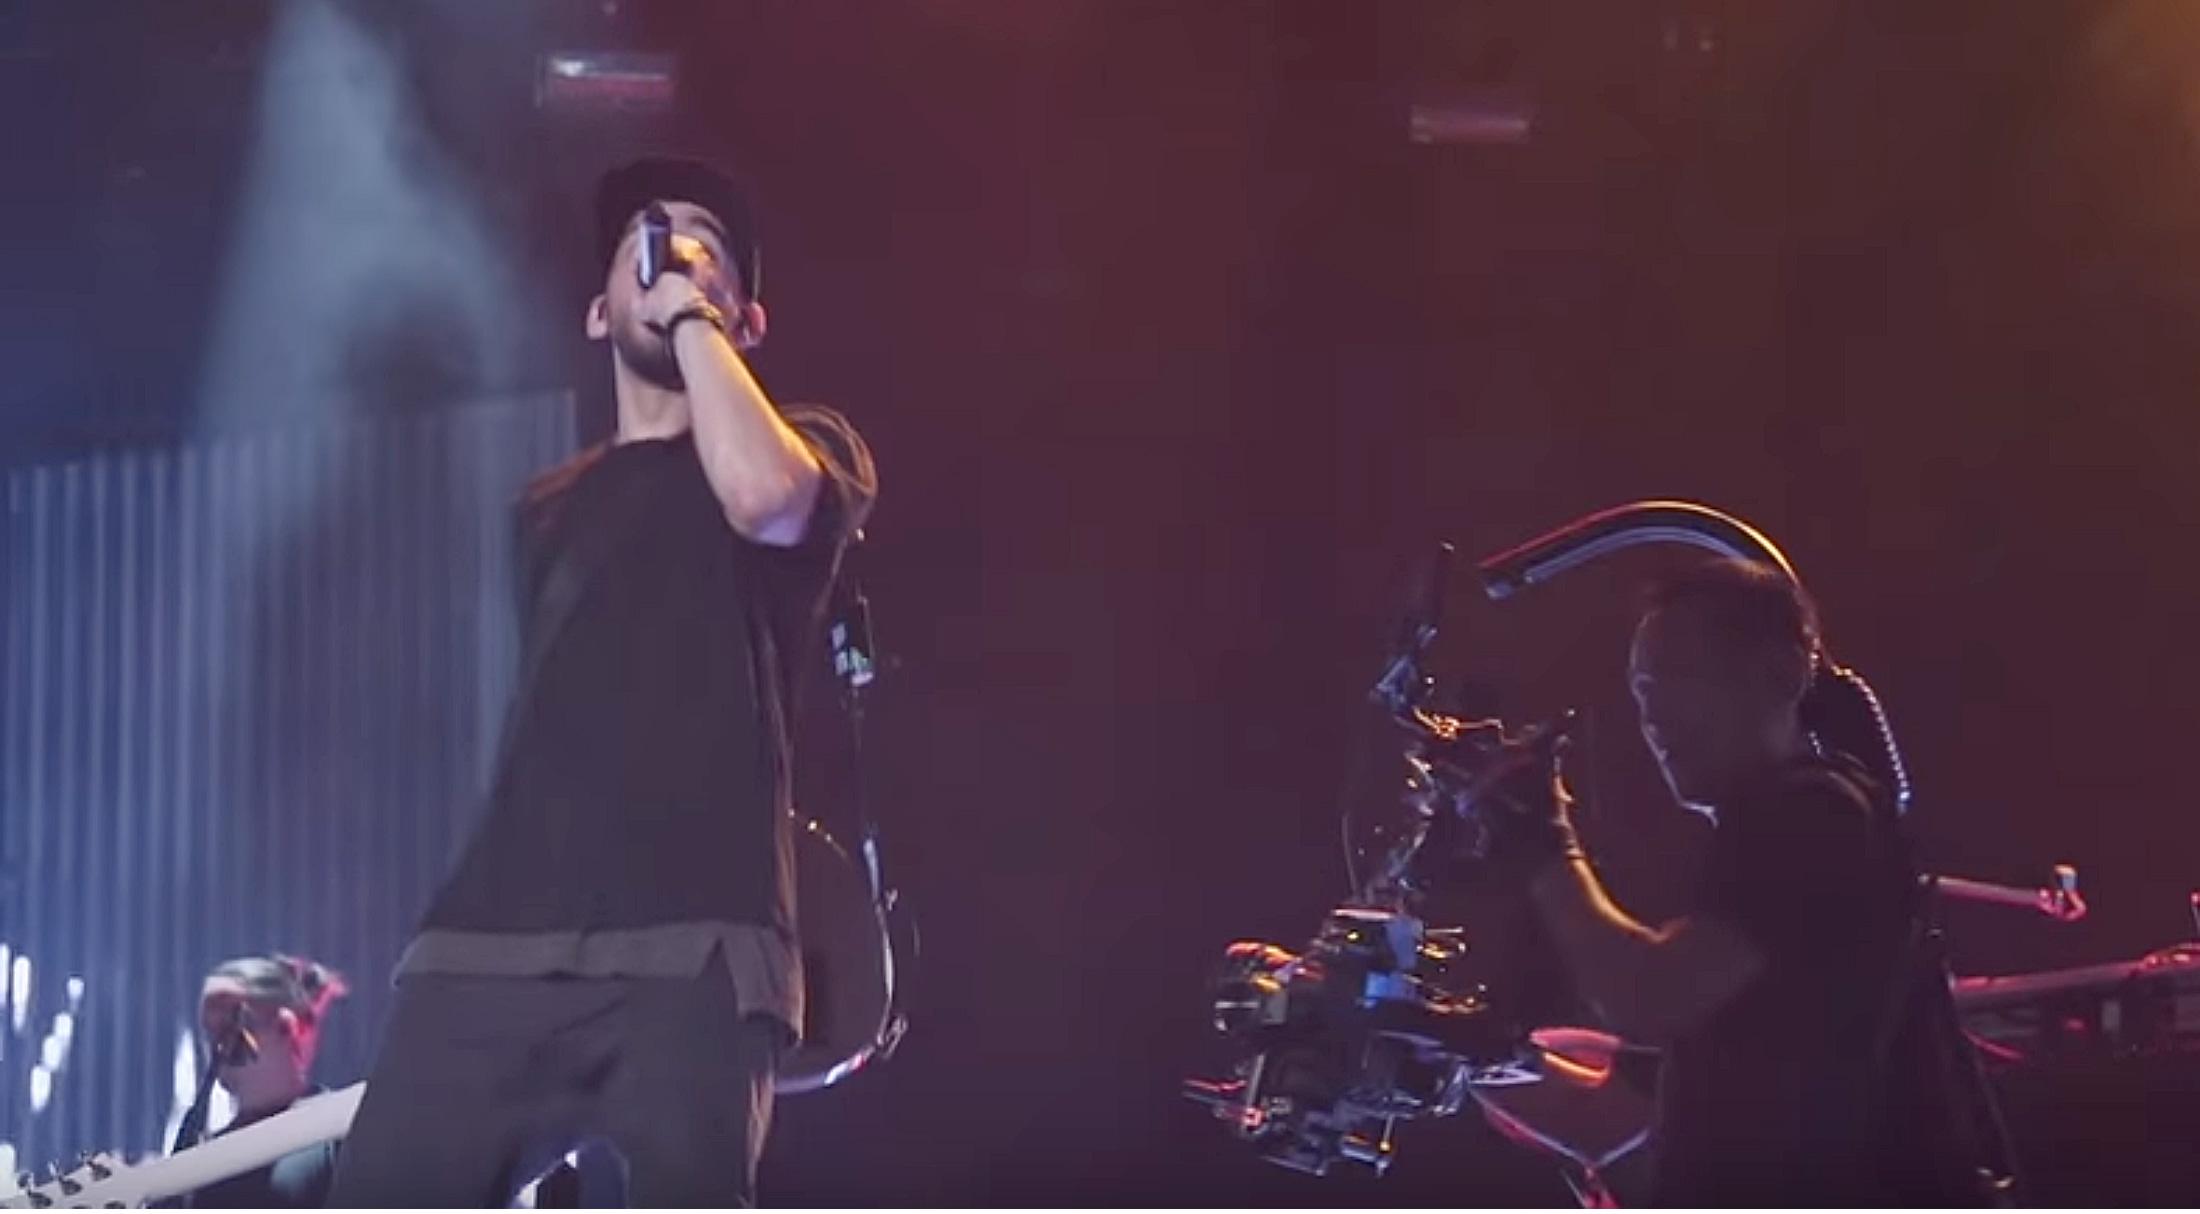 Der DJI Ronin filmt eine stabile Nahaufname von Mike Shinoda auf der Bühne [DJI Stories - Linkin Park:https://www.youtube.com/watch?v=P4ip5d5Y8Xk